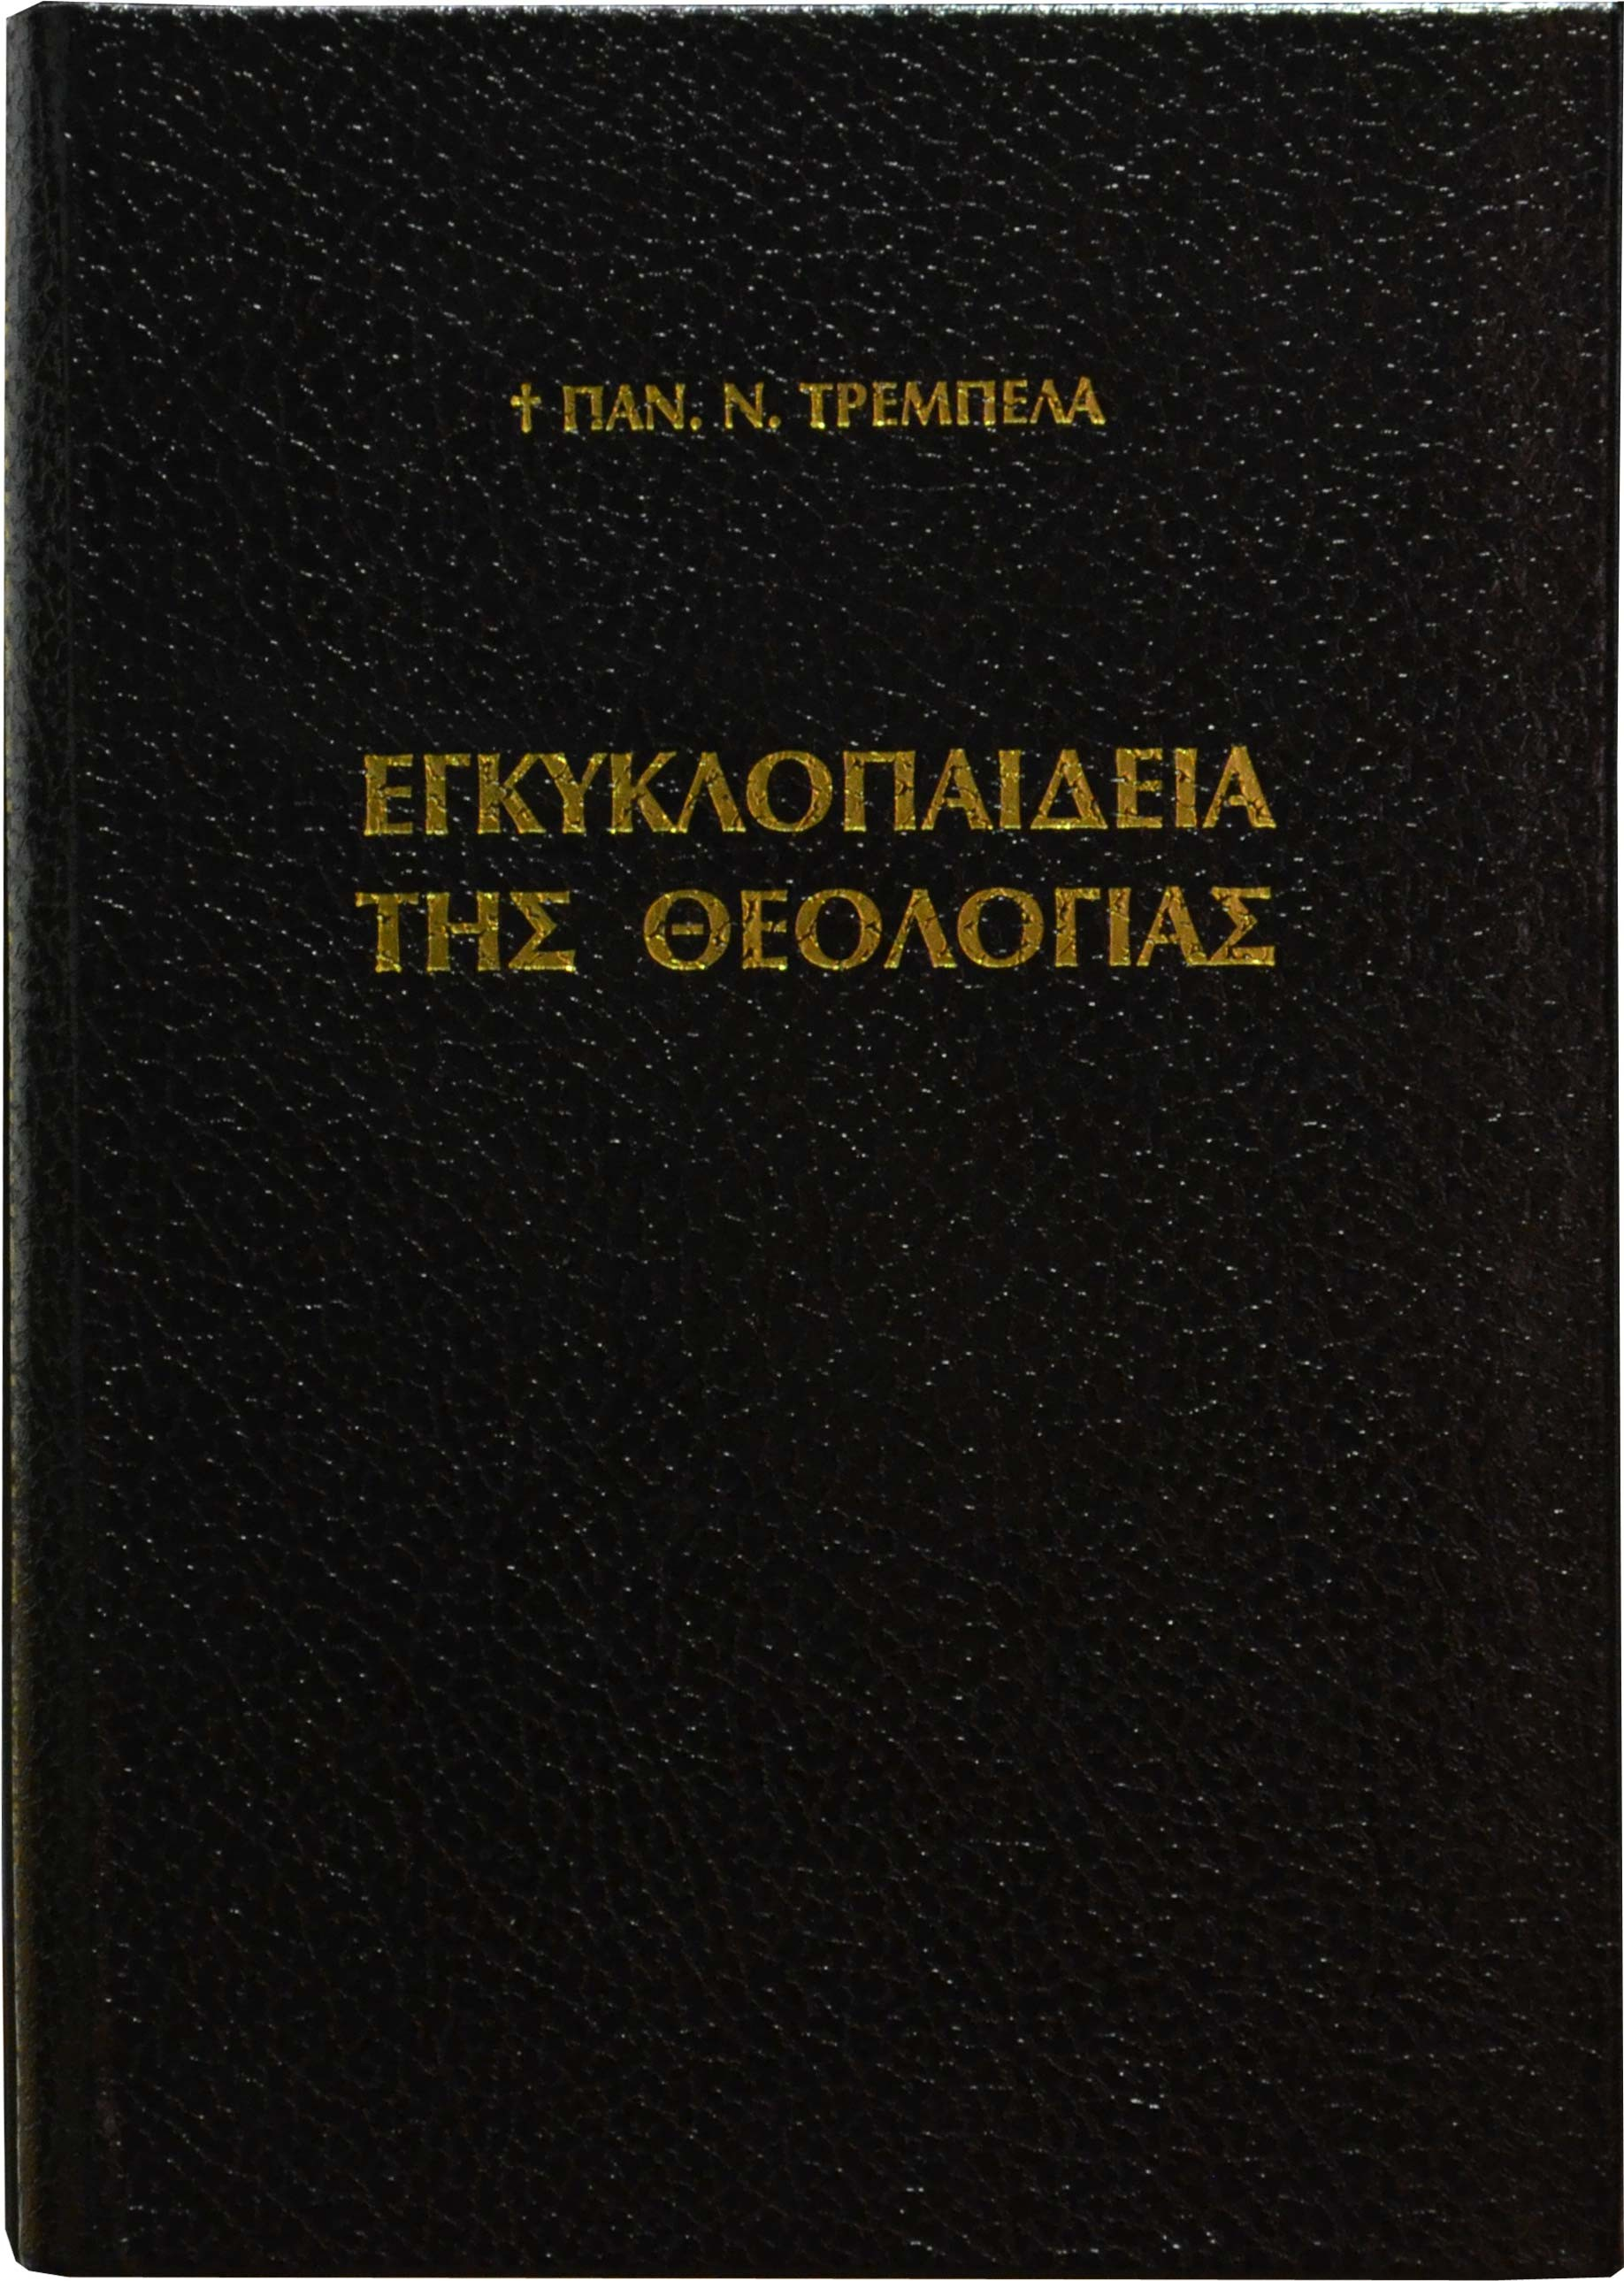 Θεολογικά ΕΓΚΥΚΛΟΠΑΙΔΕΙΑ ΤΗΣ ΘΕΟΛΟΓΙΑΣ